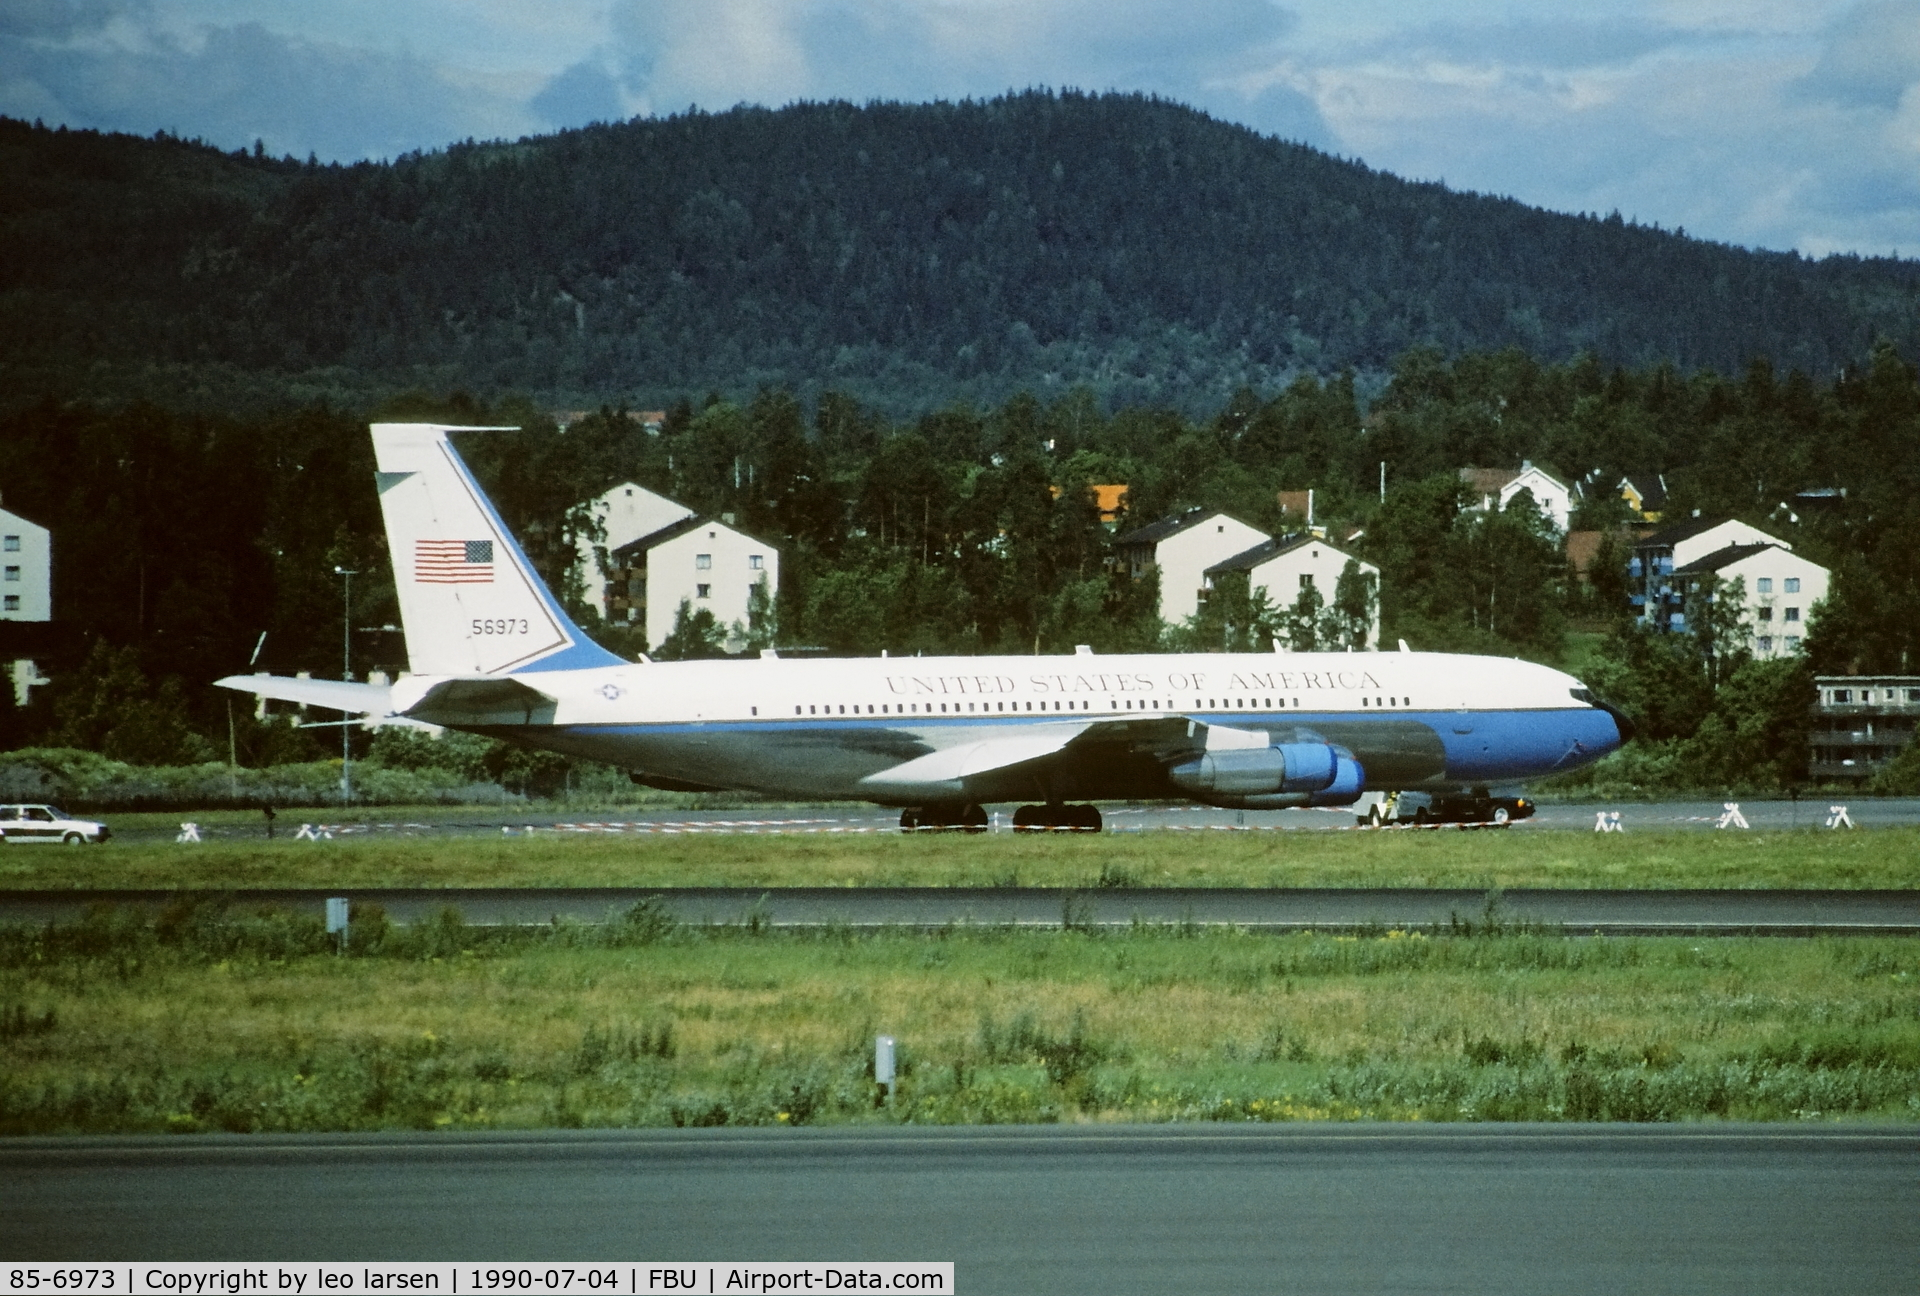 85-6973, 1969 Boeing 707-396C C/N 20043, Oslo Fornebu 4.7.1990